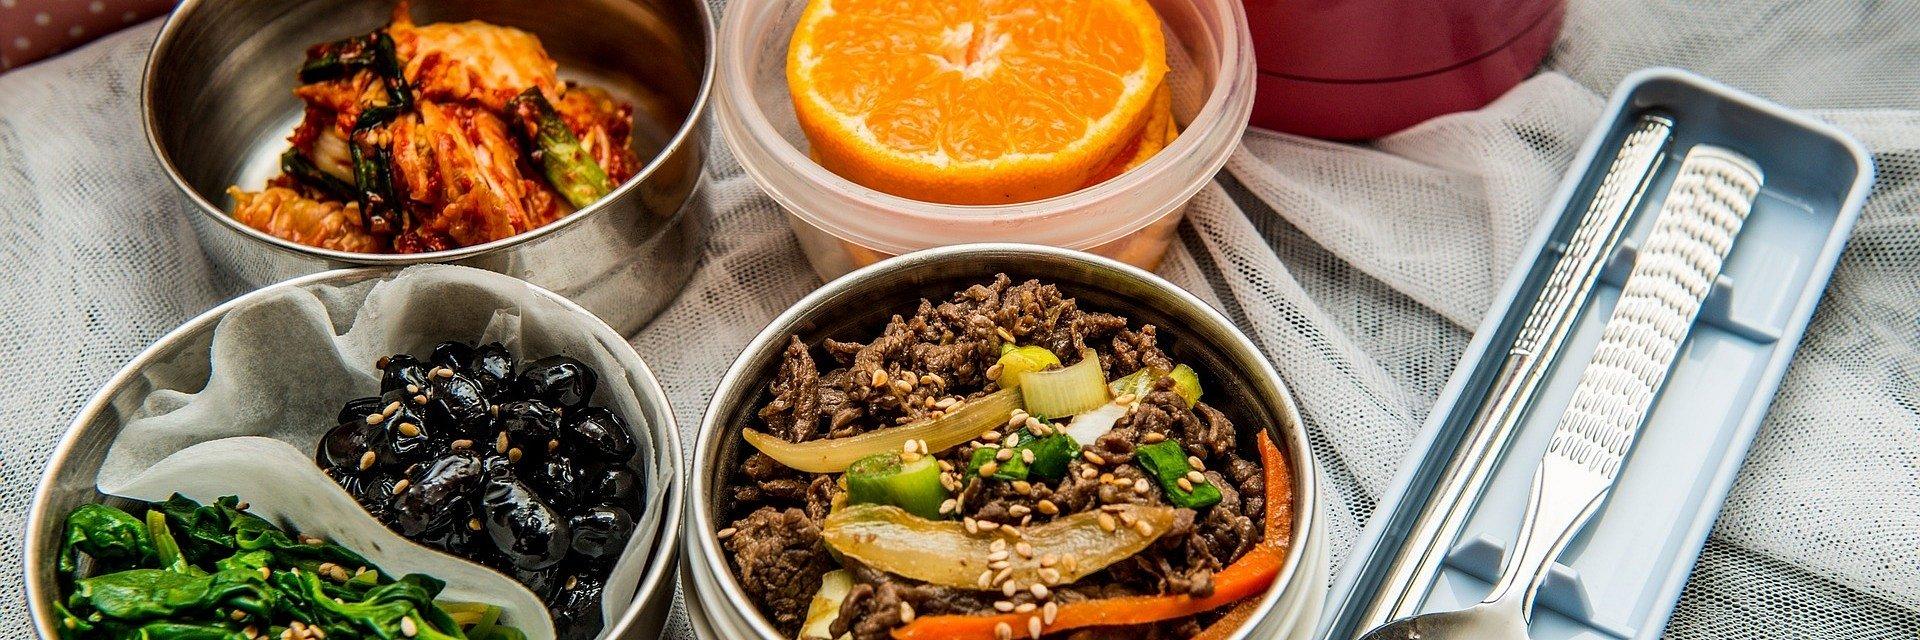 Czym się kierować przy wyborze cateringu dietetycznego